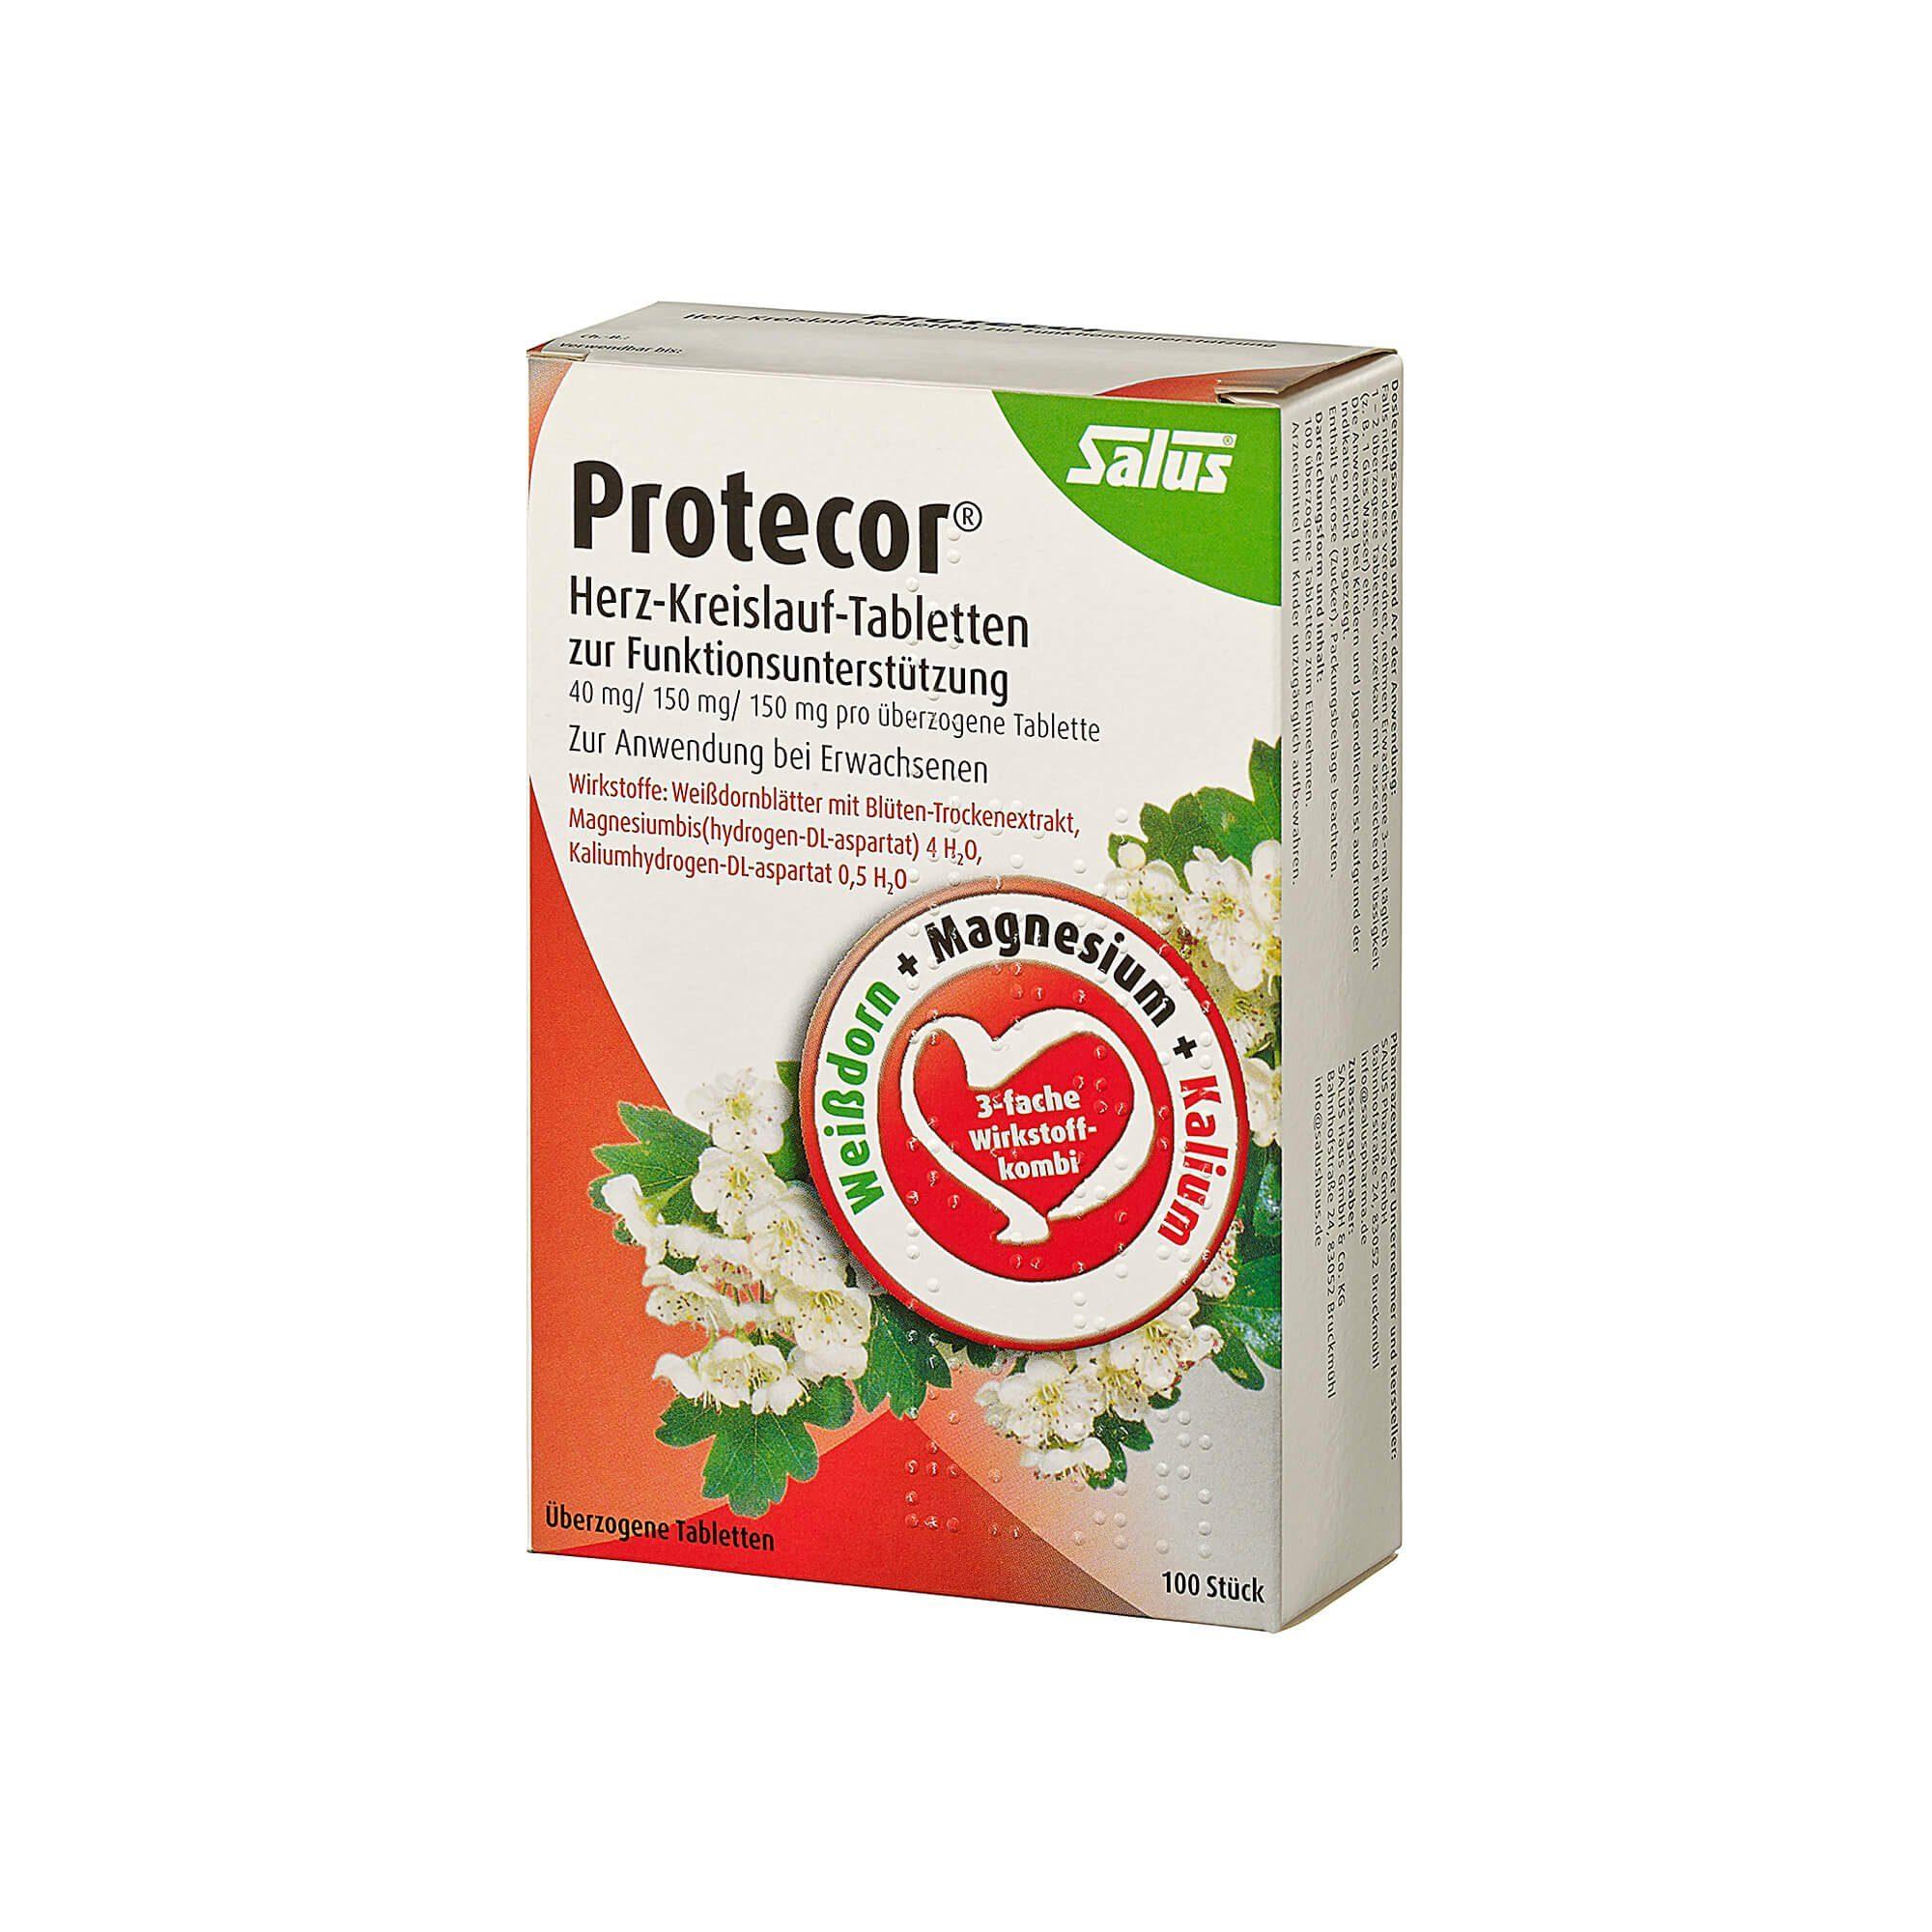 Protecor Herz-Kreislauf-Funktionsunterstützung, 100 St